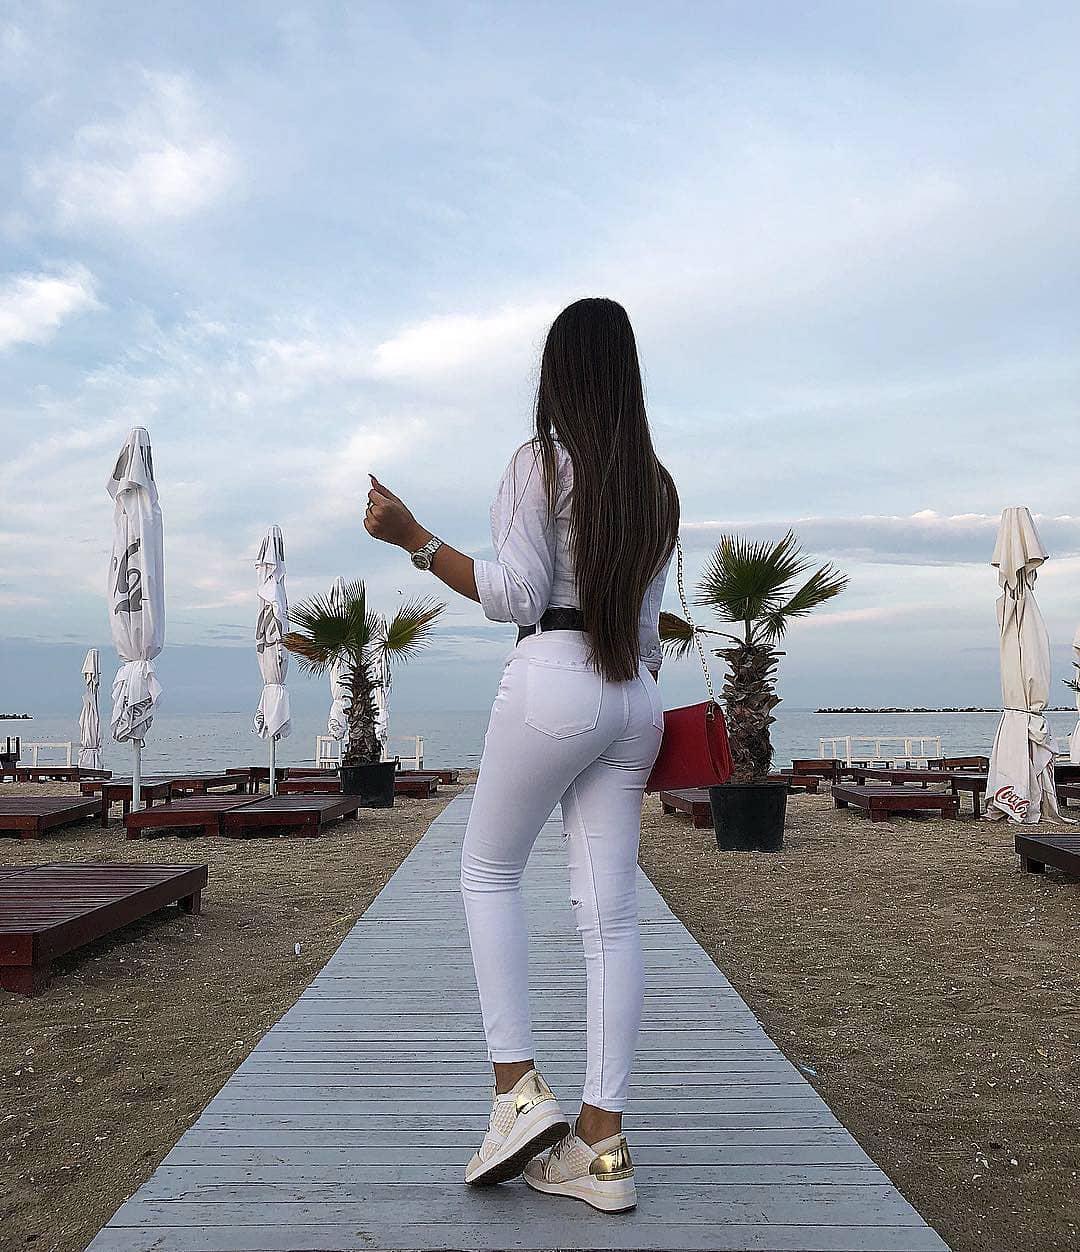 Ivana-Savija-Wallpapers-Insta-Fit-Bio-8